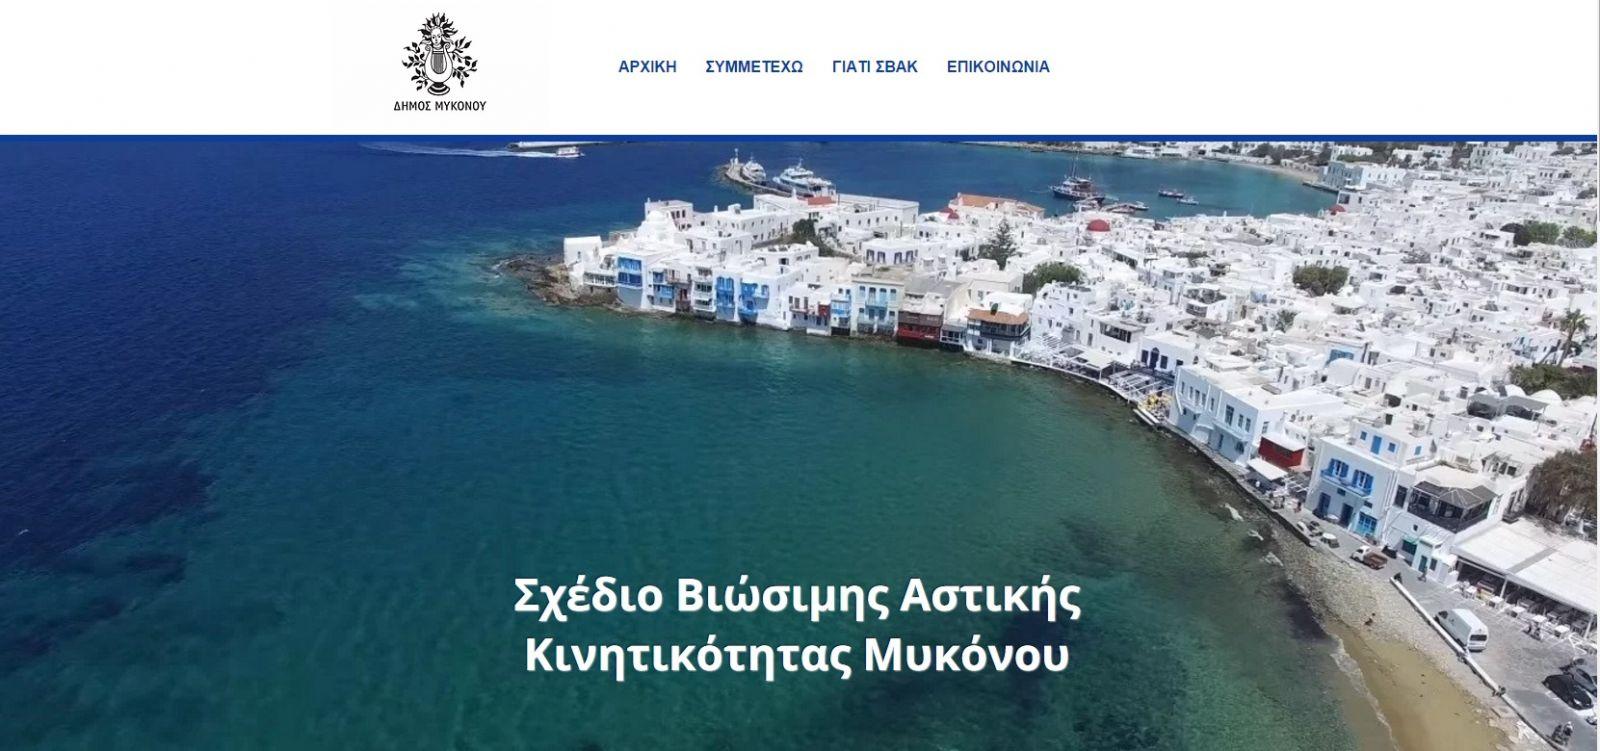 Με επιτυχία διεξήχθει η 2η διαβούλευση για το ΣΒΑΚ του Δήμου Μυκόνου με τη συμμετοχή φορέων και πολιτών